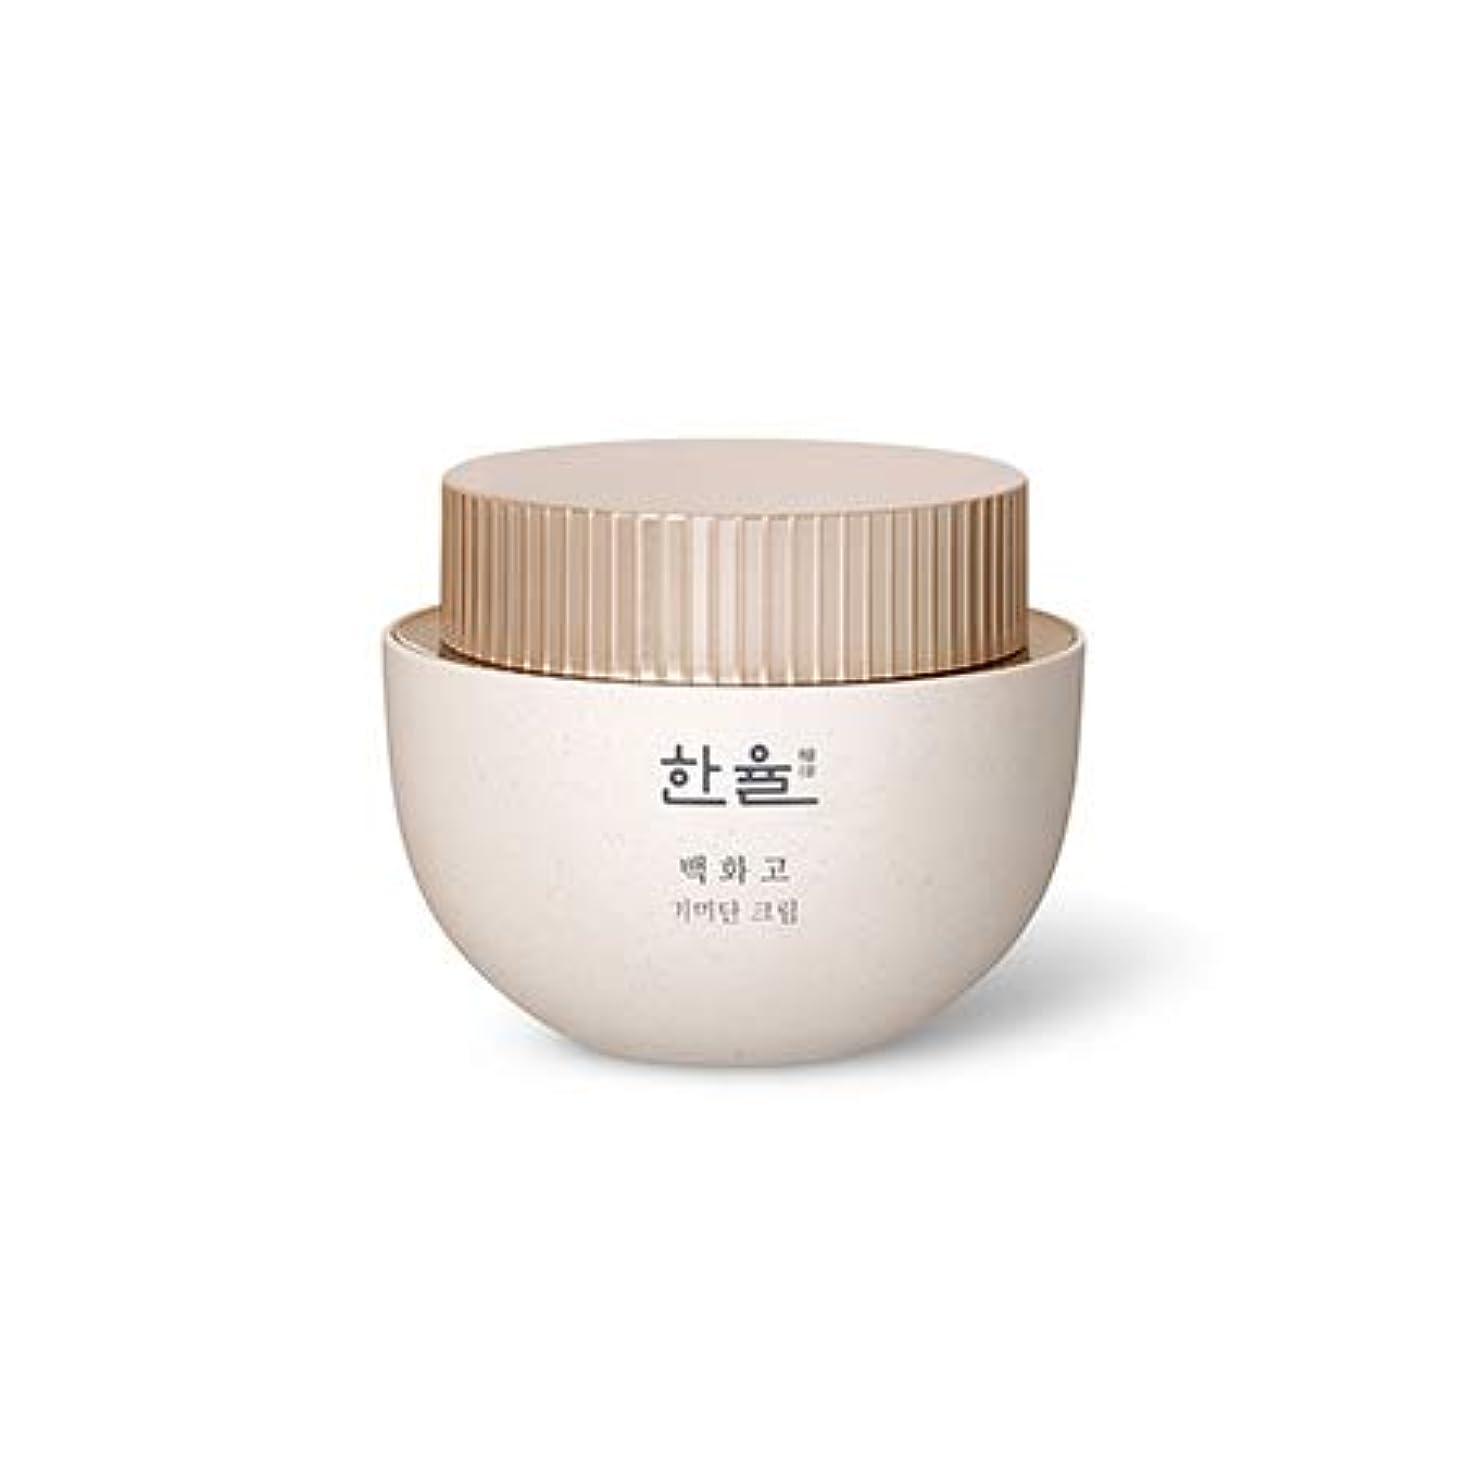 新着怒るルネッサンス[ハンユル.HANYUL]ベクファゴシミ段クリームHanyul Baek Hwa Goh Anti-Aging Cream(シミ、くすみなどの老化の兆候をケア)